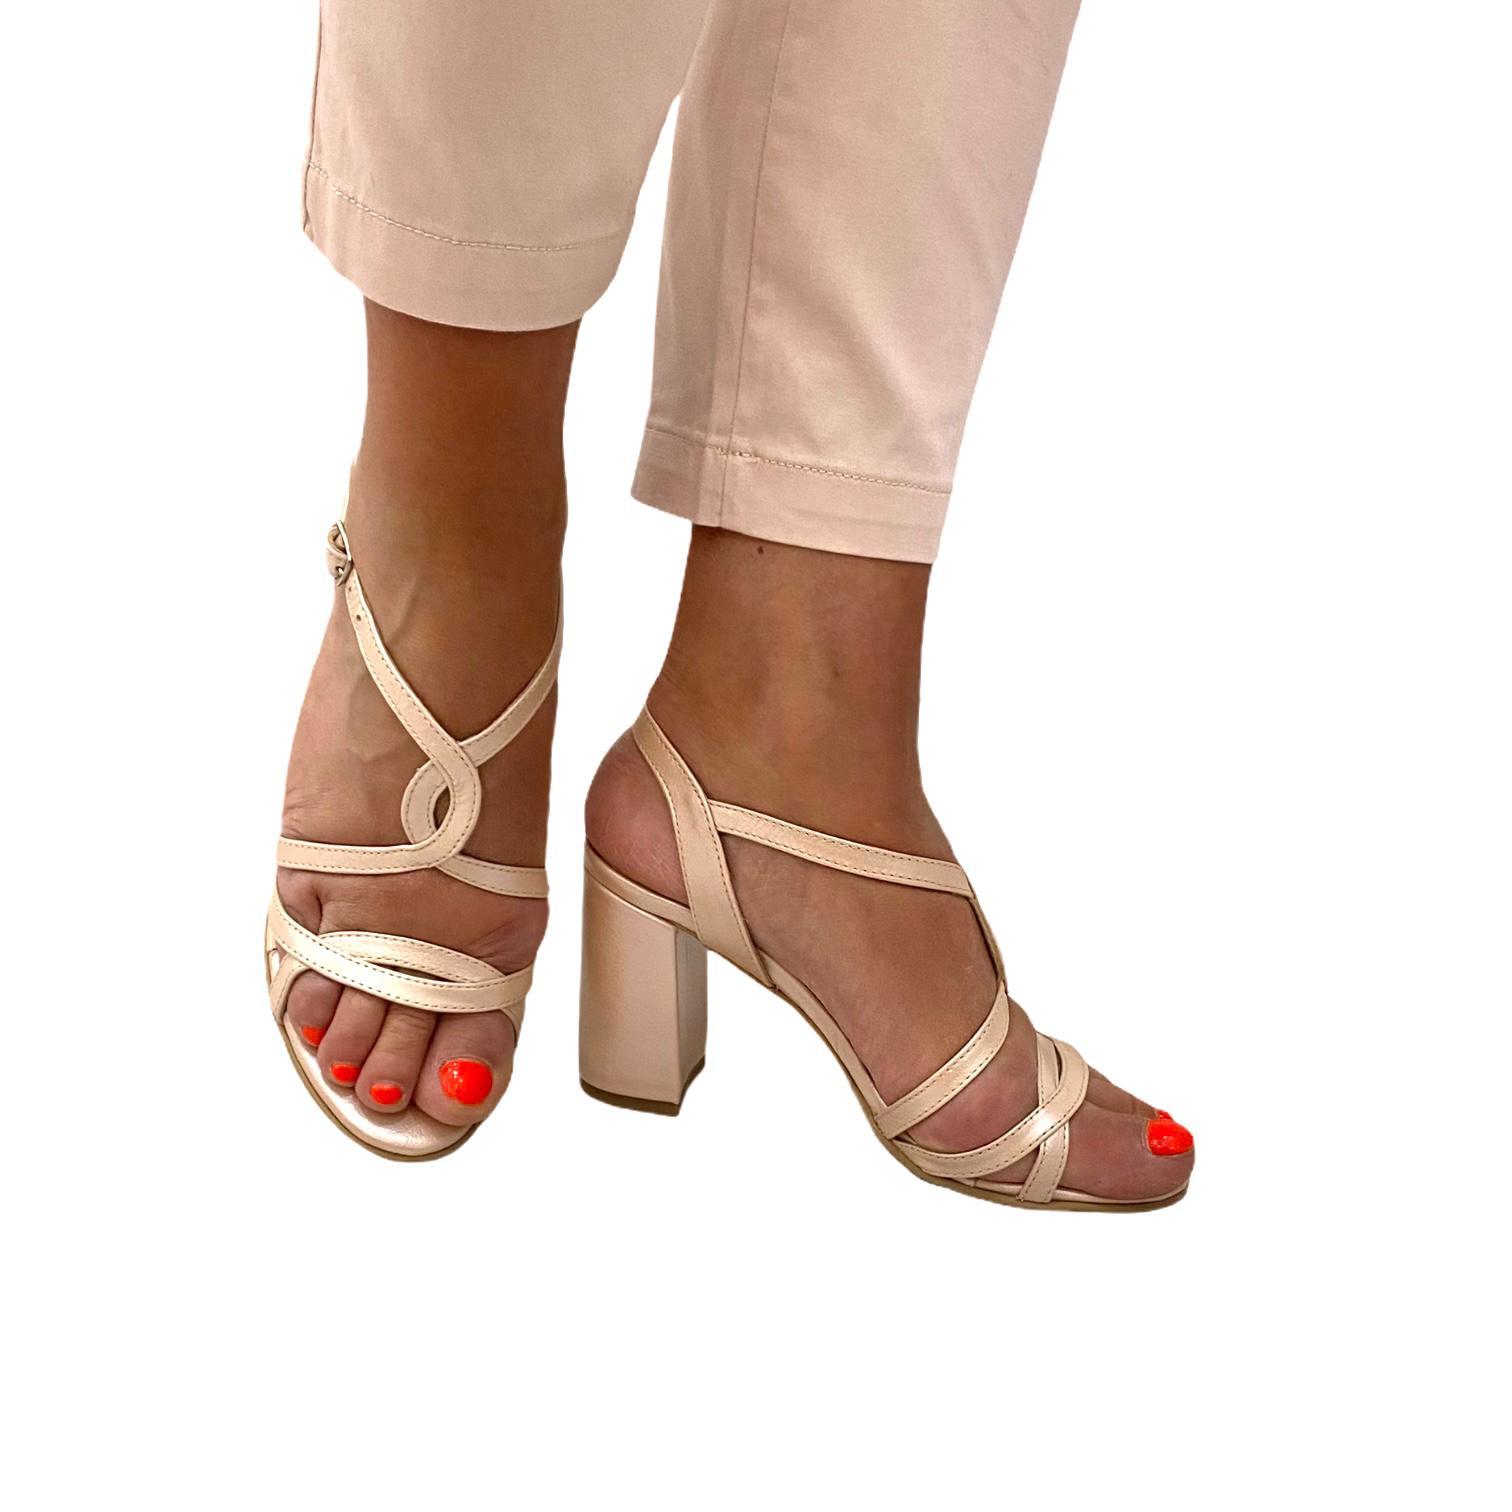 Sandale pudra cu barete incrucisate